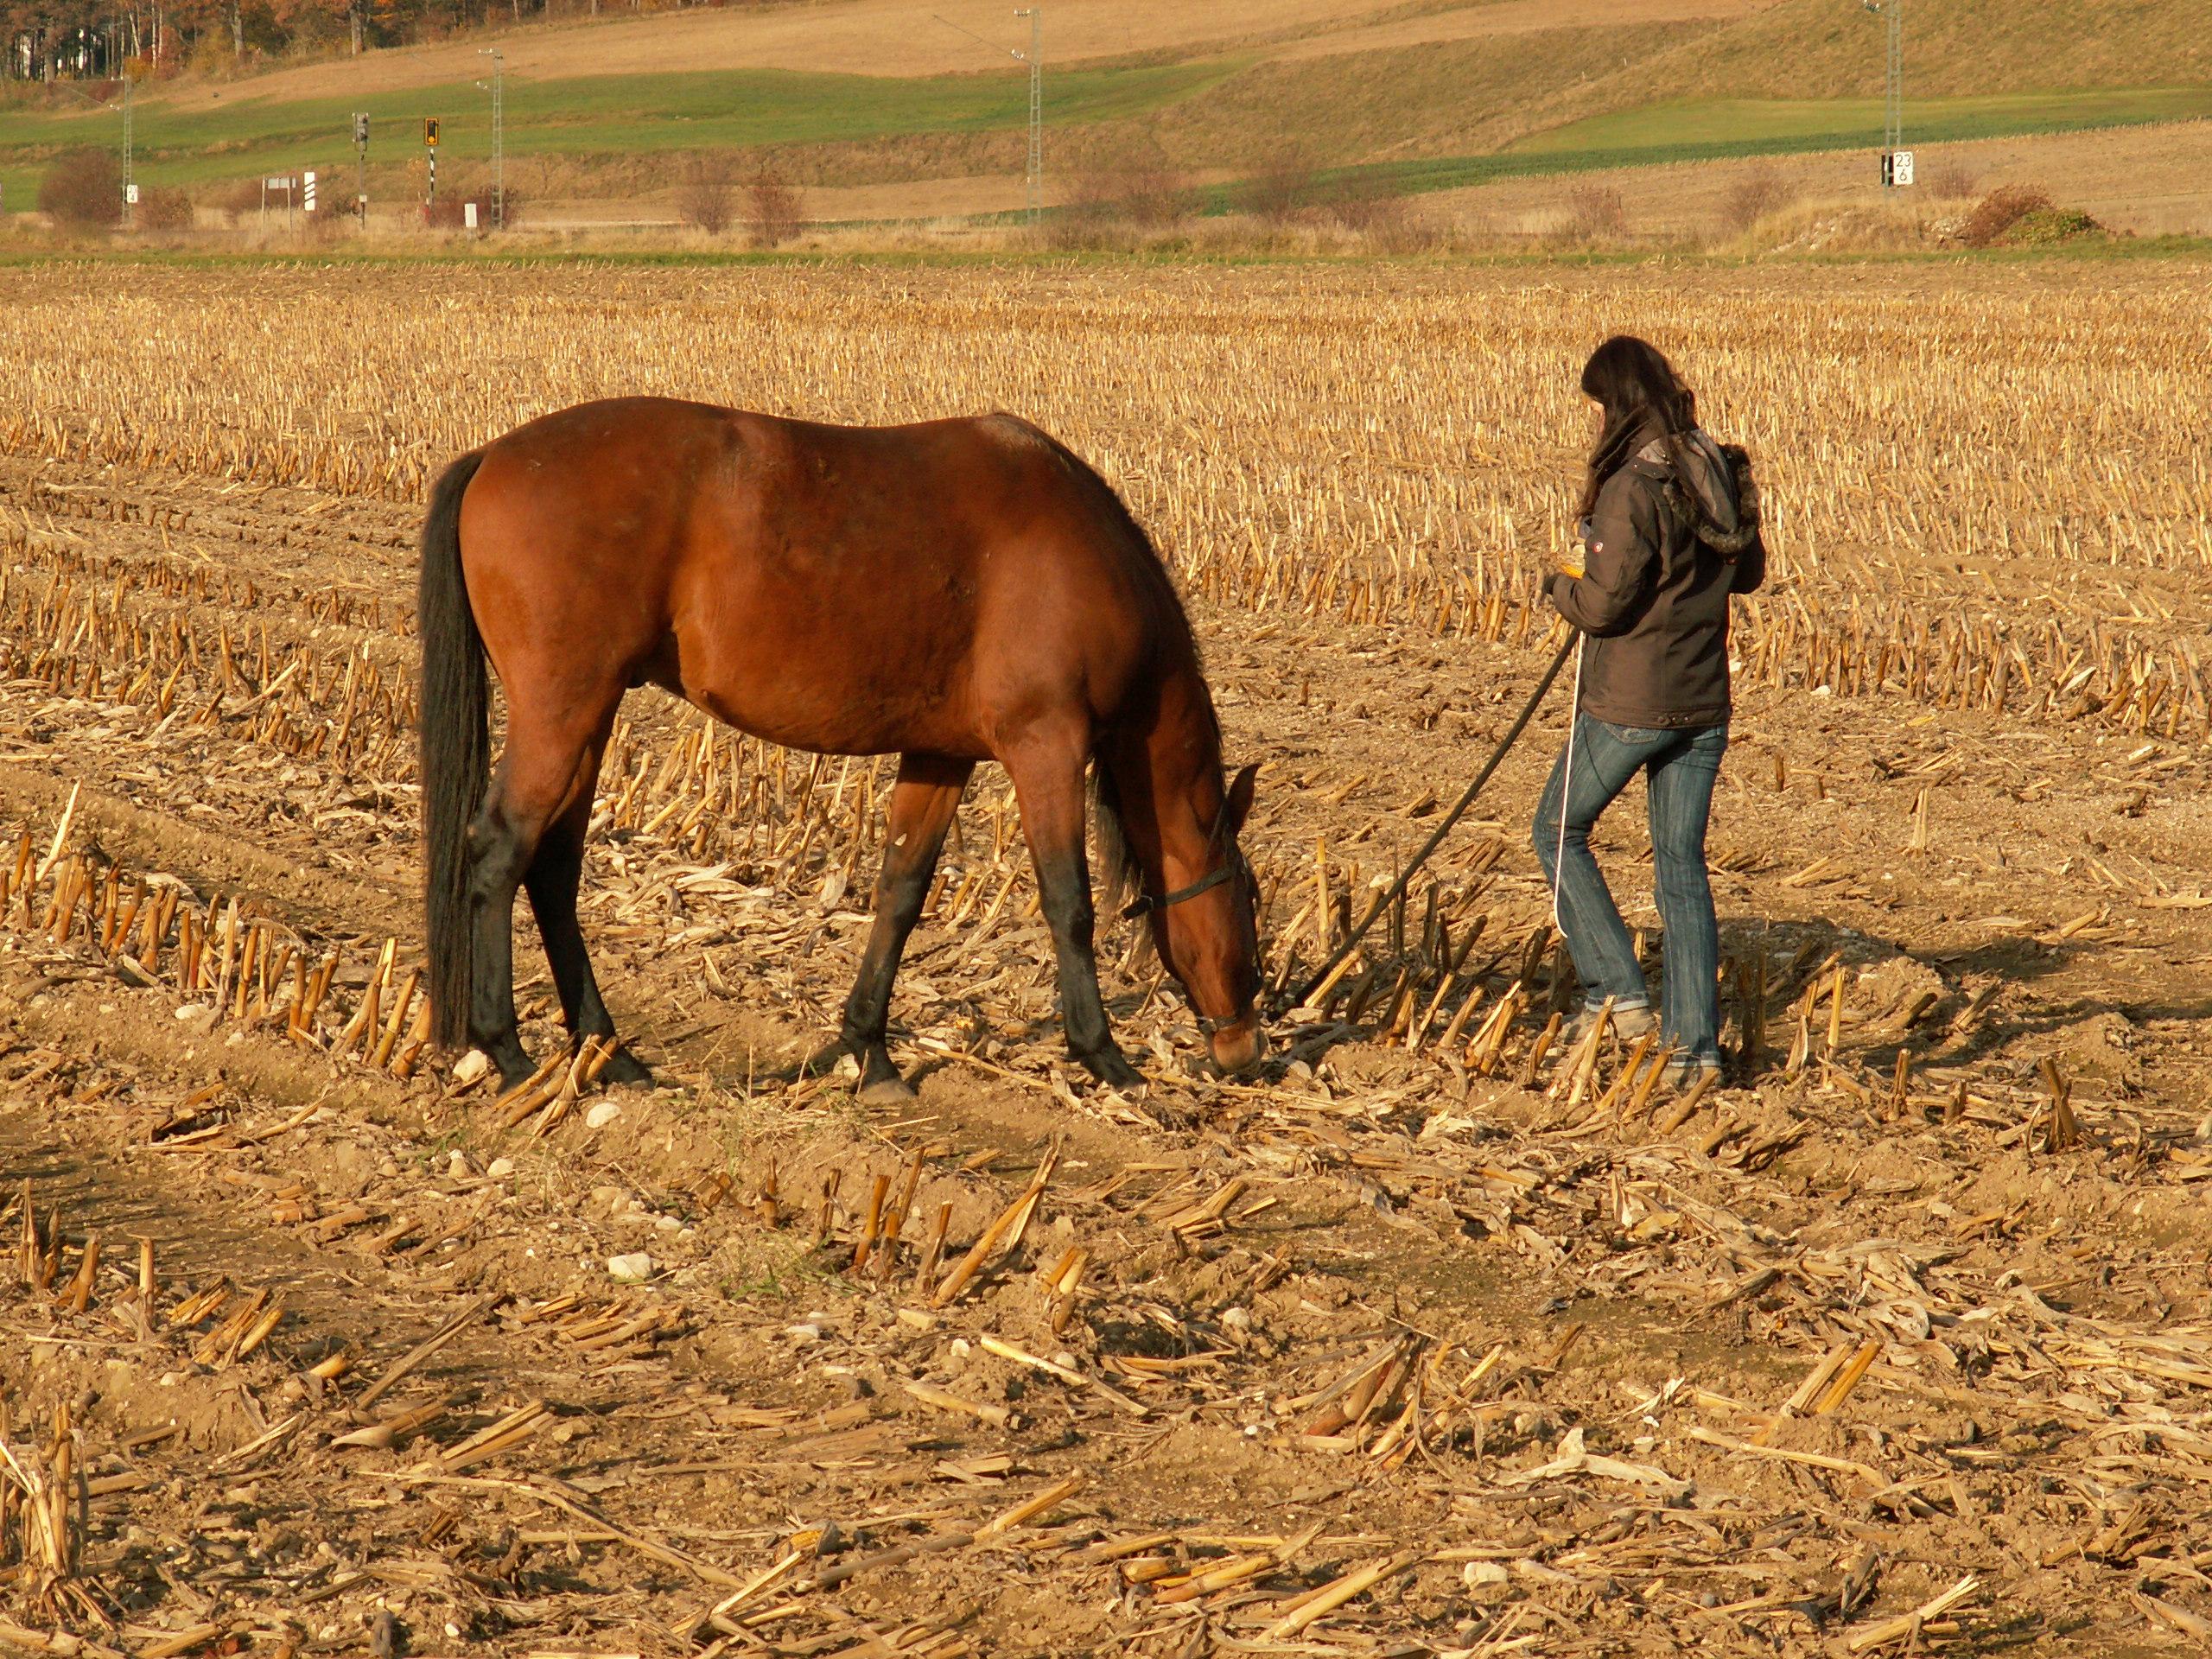 Mit dem Pferd spazieren gehen. Durch gemeinsame Spaziergänge Pferd-Mensch-Beziehung stärken